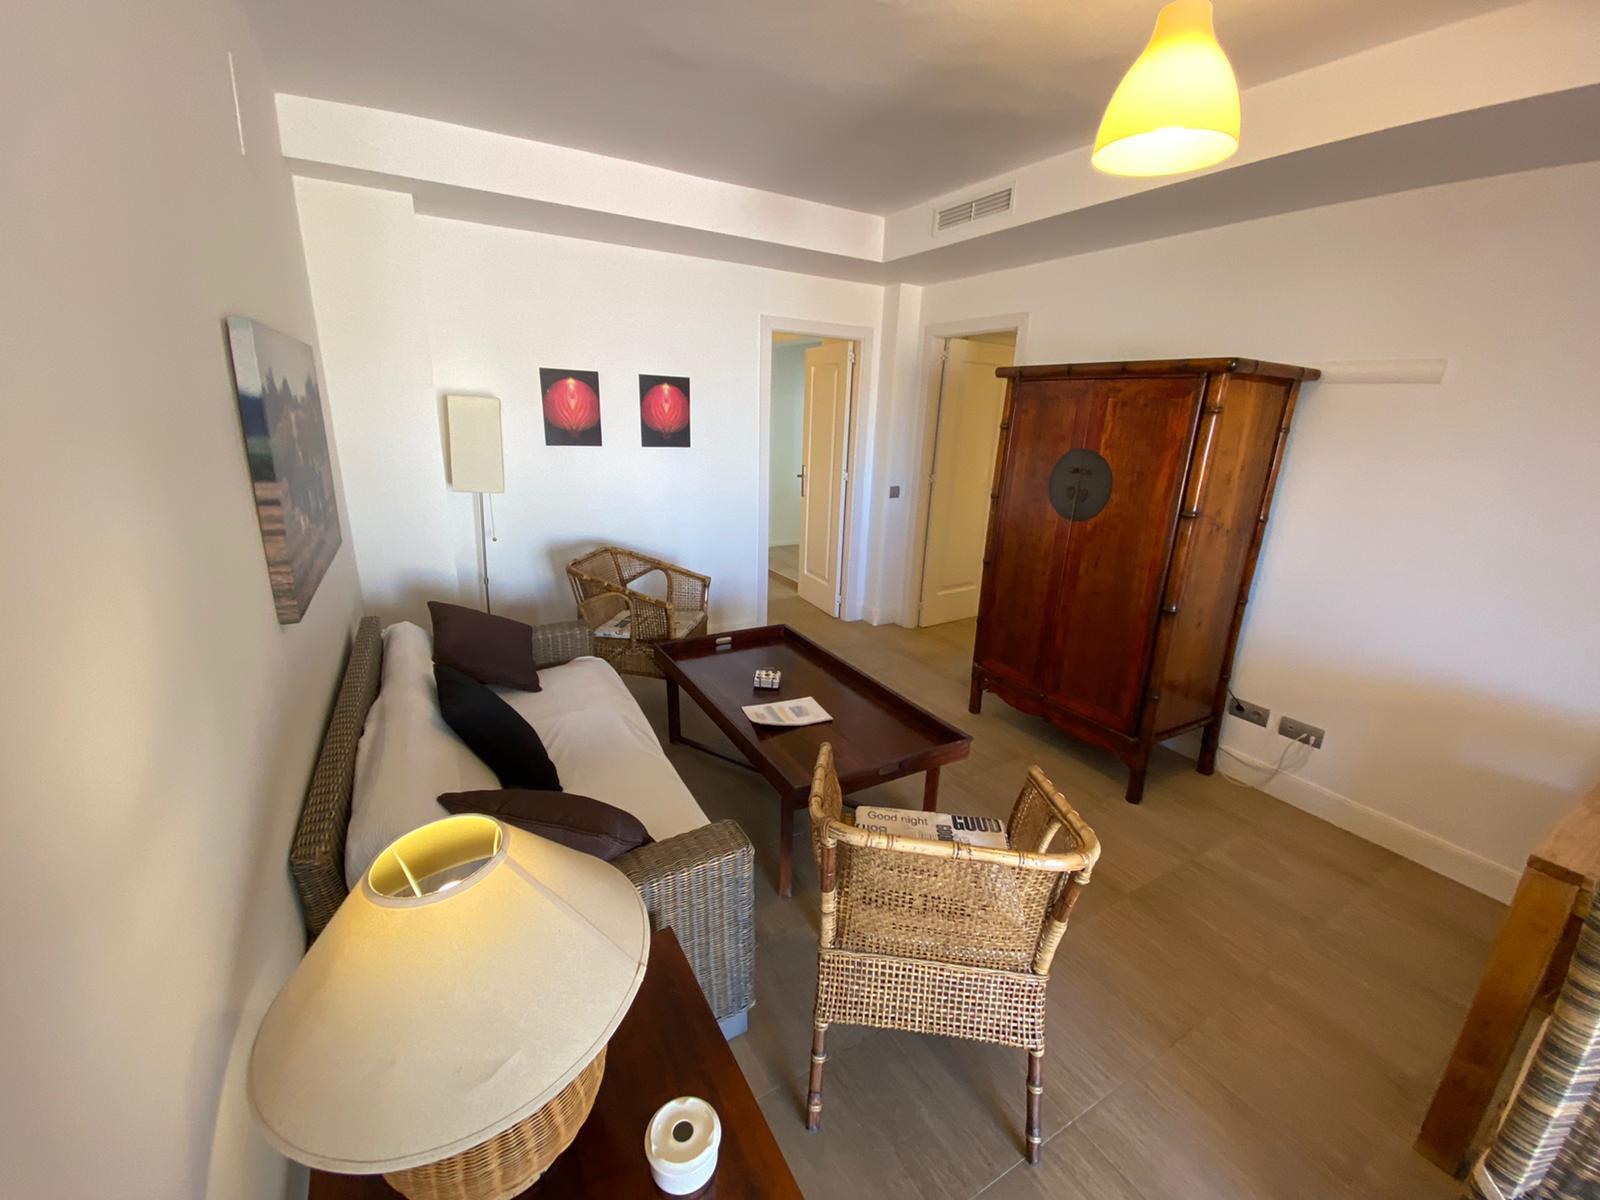 Imagen 4 del Apartamento Turístico, Ático 8 Poniente (3d+2b), Punta del Moral (HUELVA), Paseo de la Cruz nº22